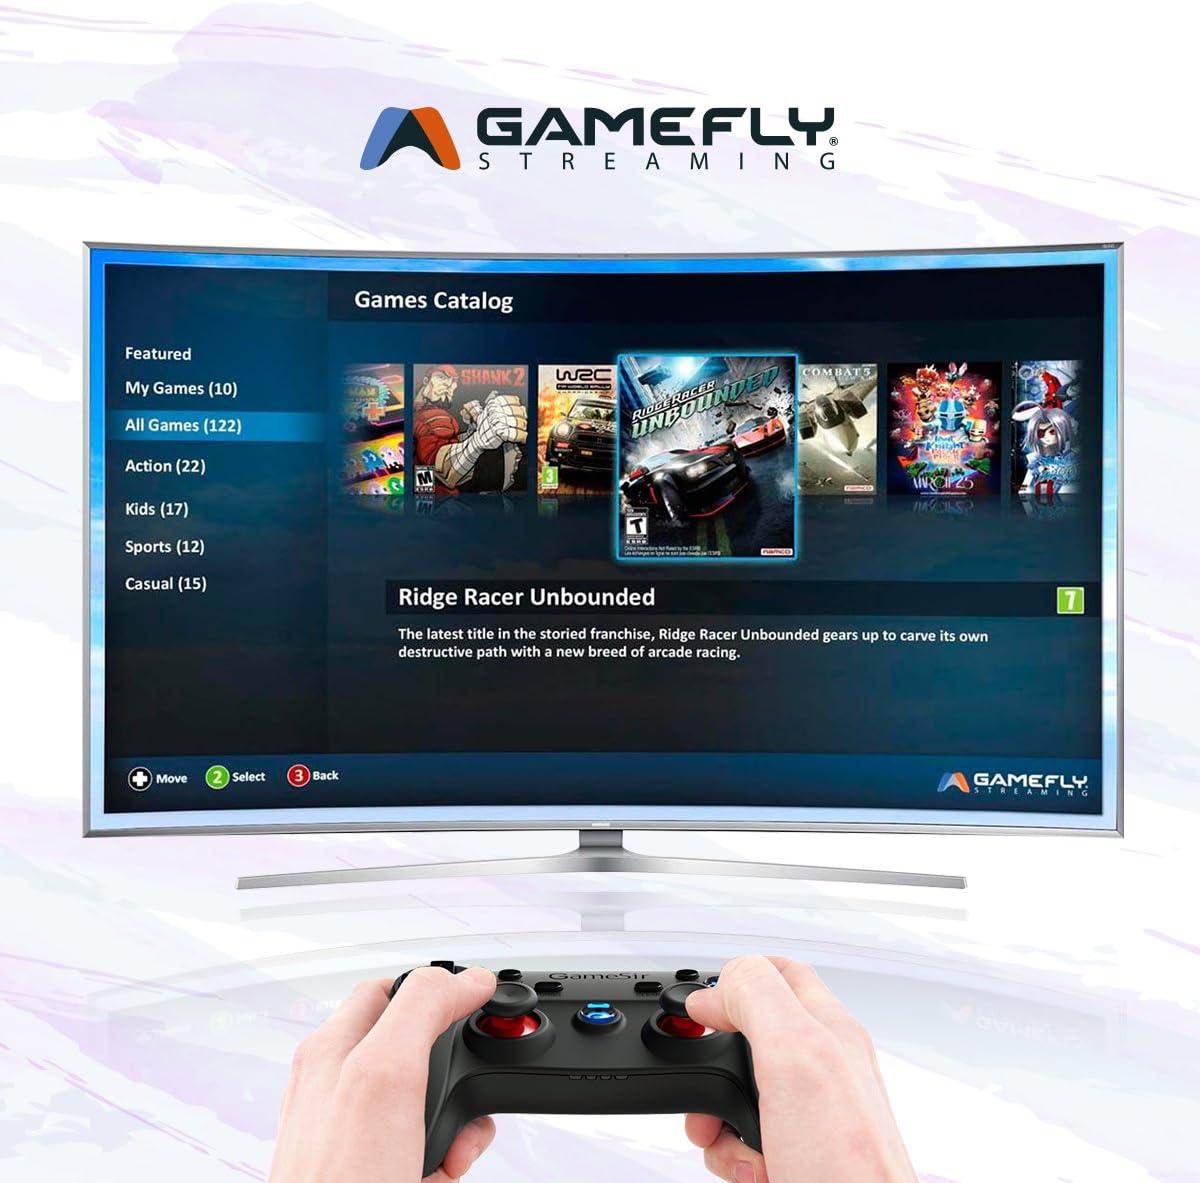 GameSir G3s Mando Inalámbrico para Juegos para Smart TV / TV Box/ Android / PC / PS3 (Sin Soporte Para Móvil) …: Amazon.es: Videojuegos